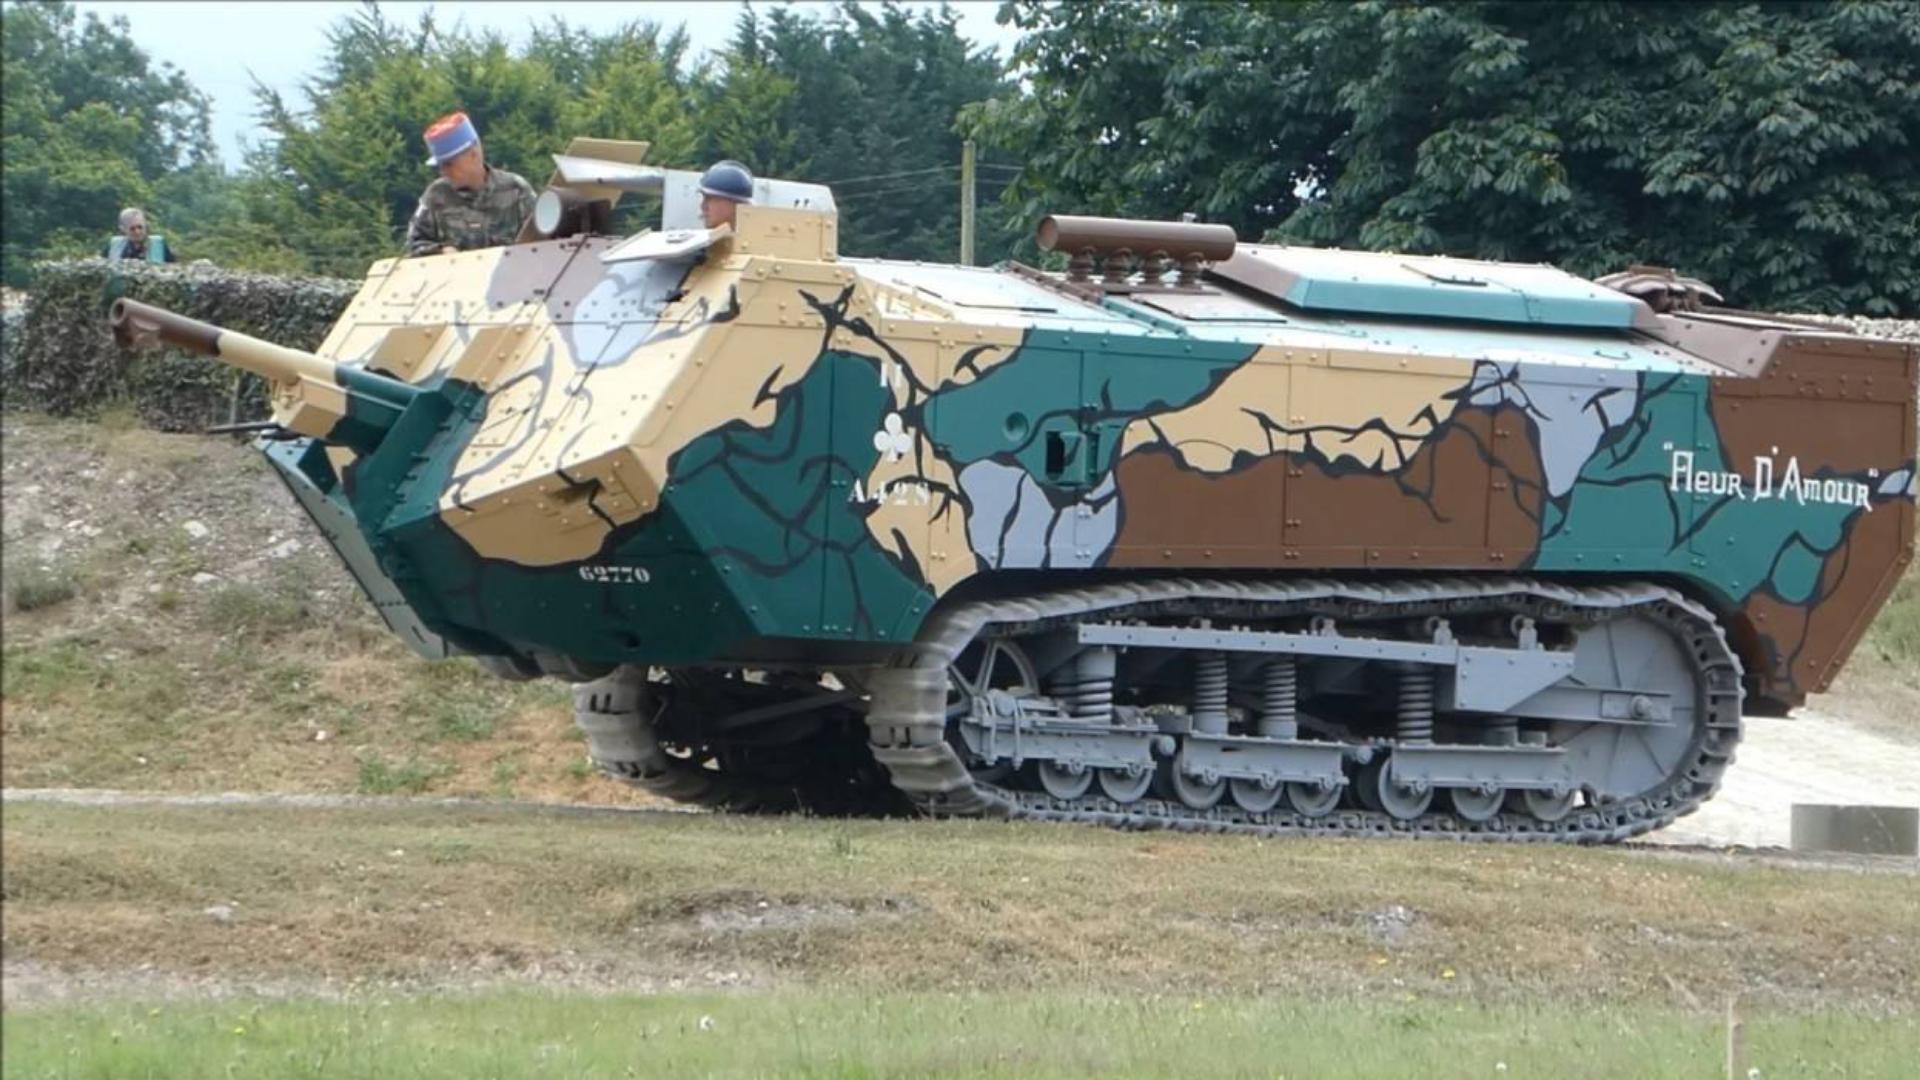 【讲堂516期】第一次世界大战法国就有坦克,配备75MM大口径主炮,却败给了动力